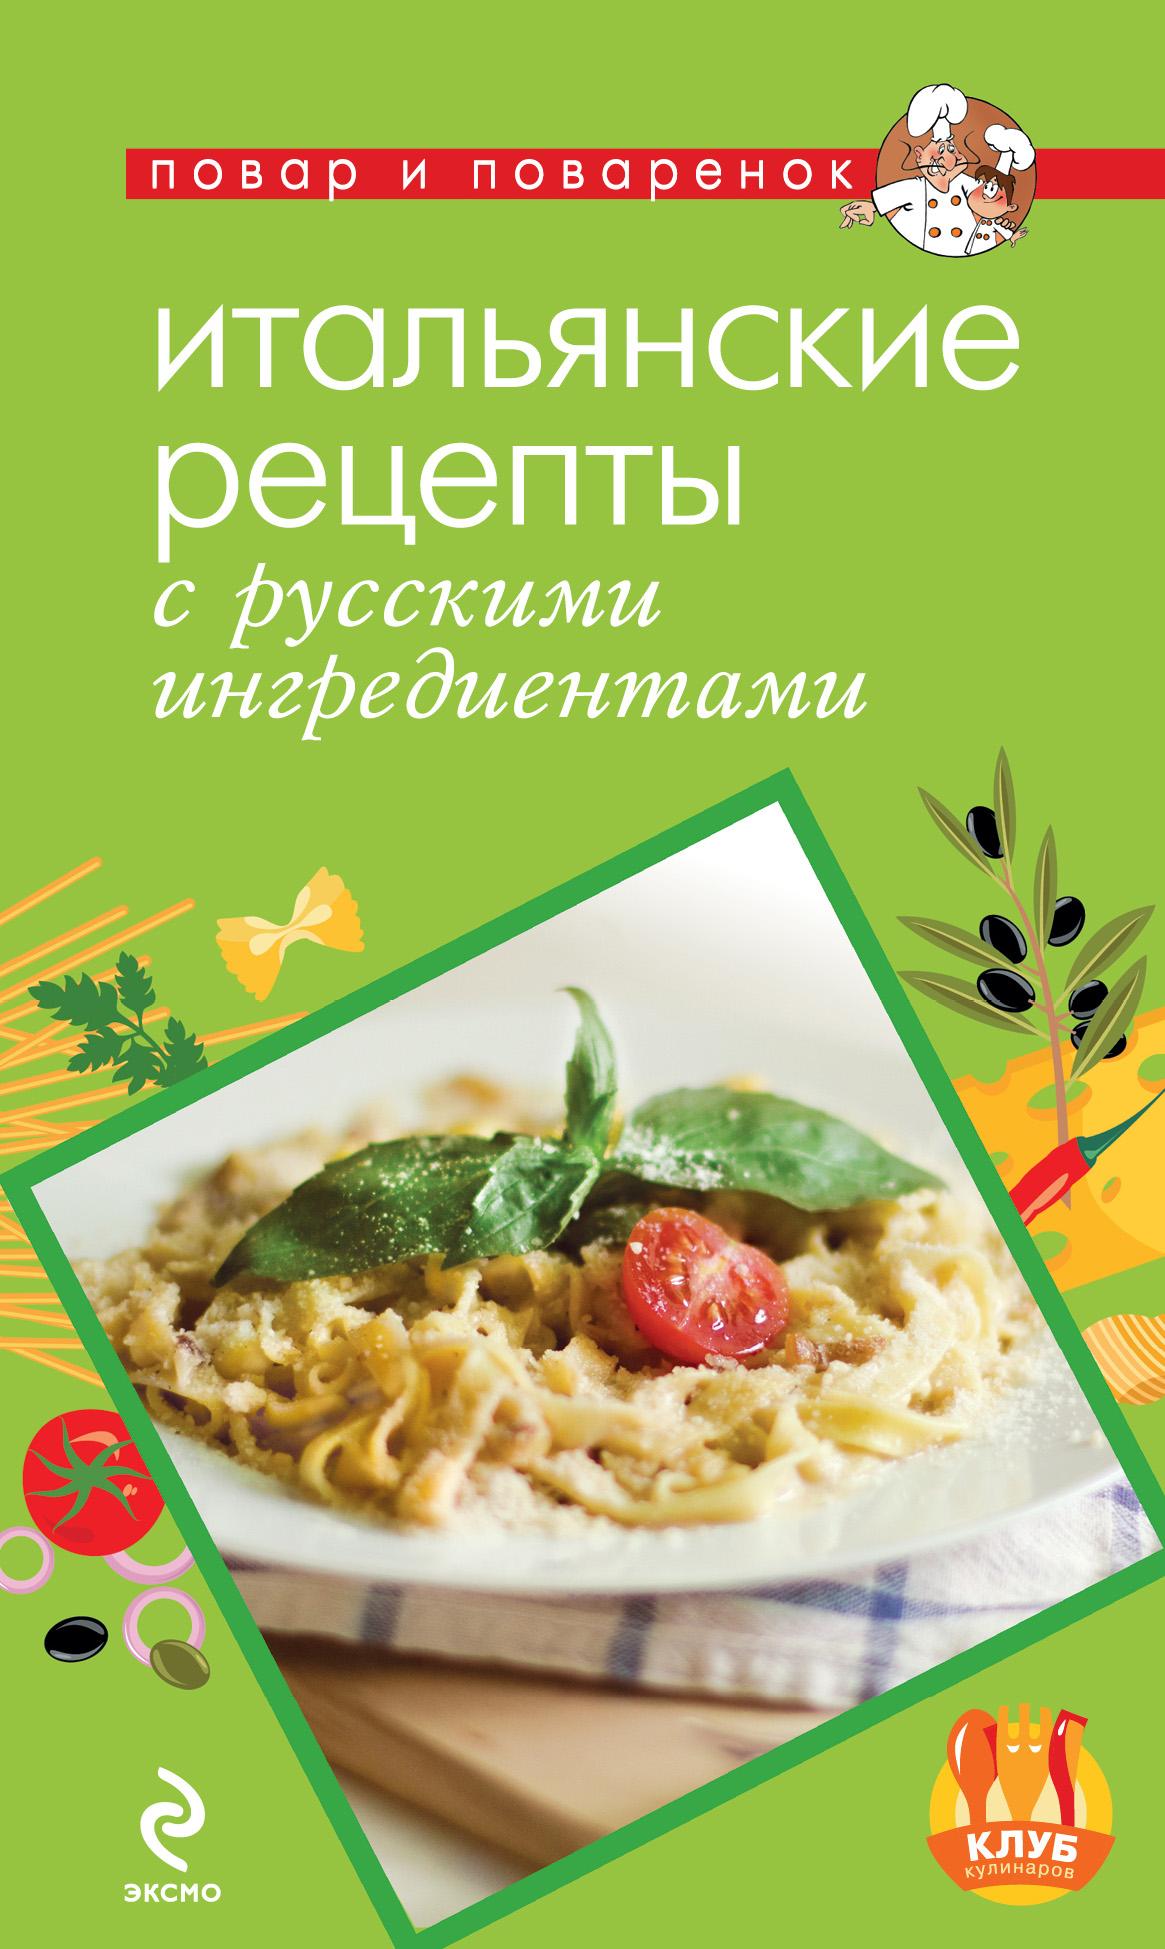 Савинова Н.А. Итальянские рецепты с русскими ингредиентами